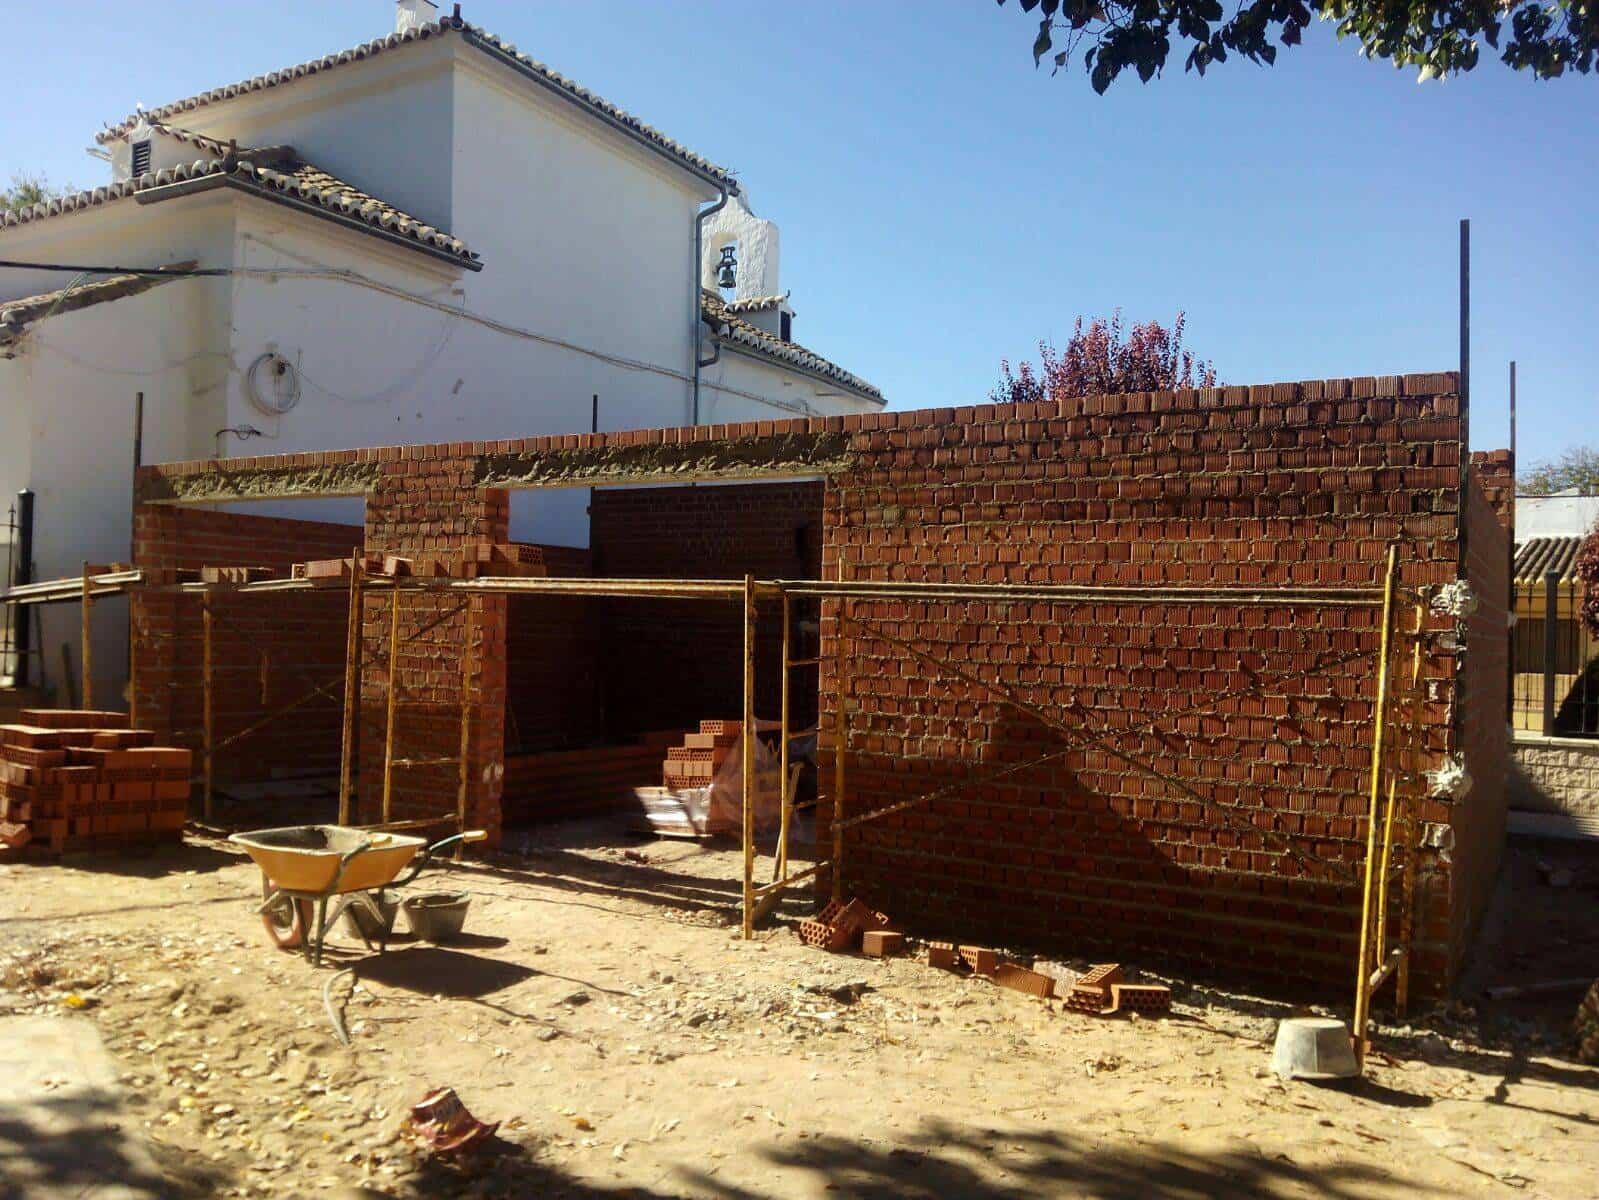 Garaje para vehículos de protección civil y emergencias de Herencia